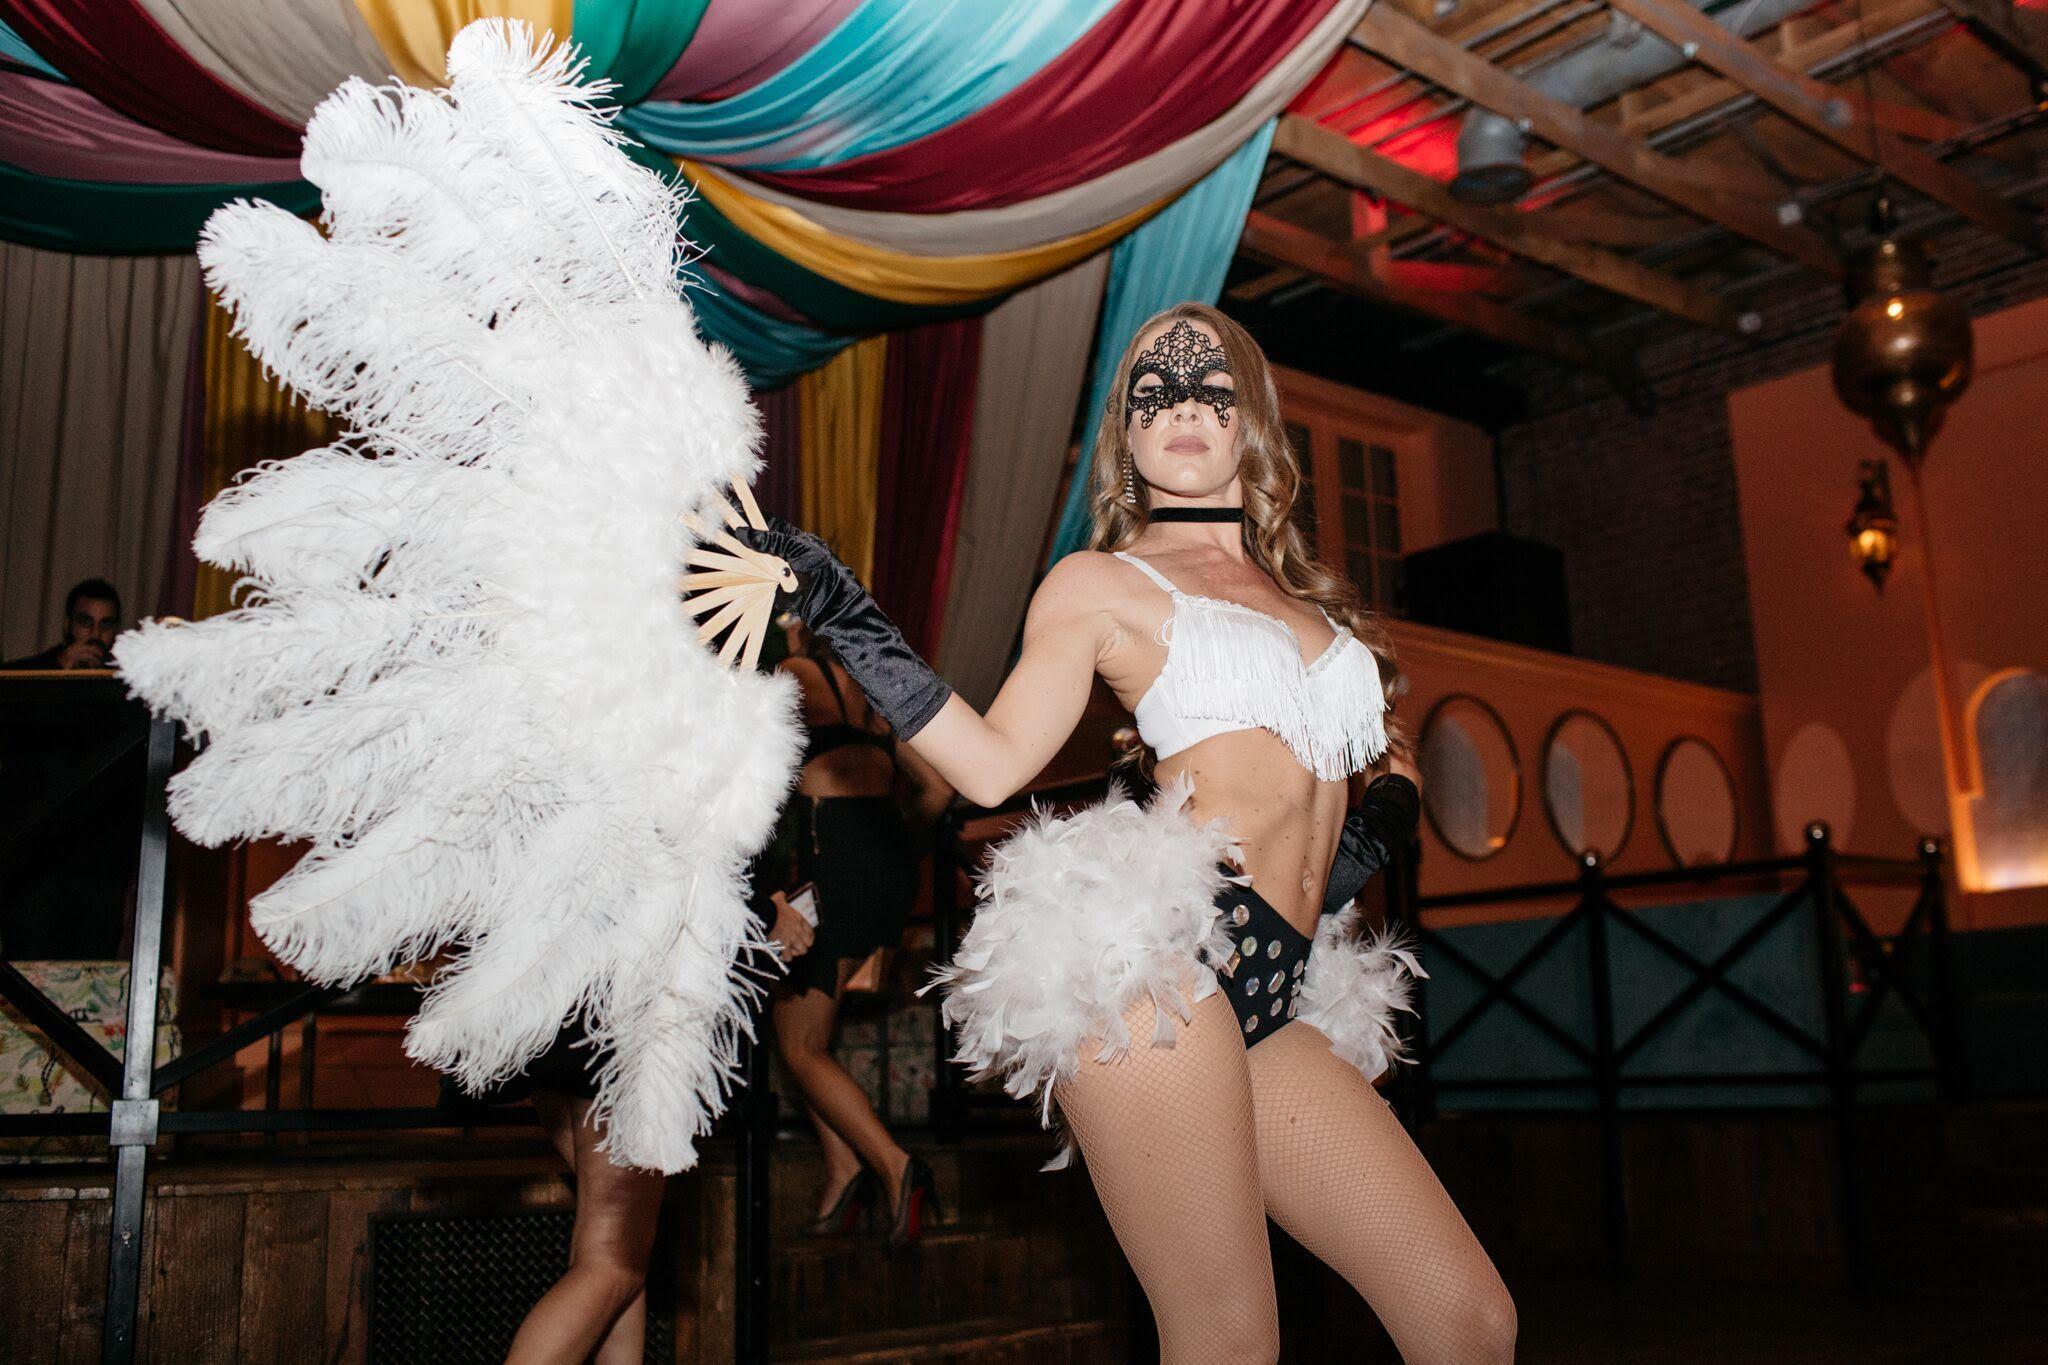 NDF Ambassadors Present: Eyes Wide Shut, A Masquerade Ball